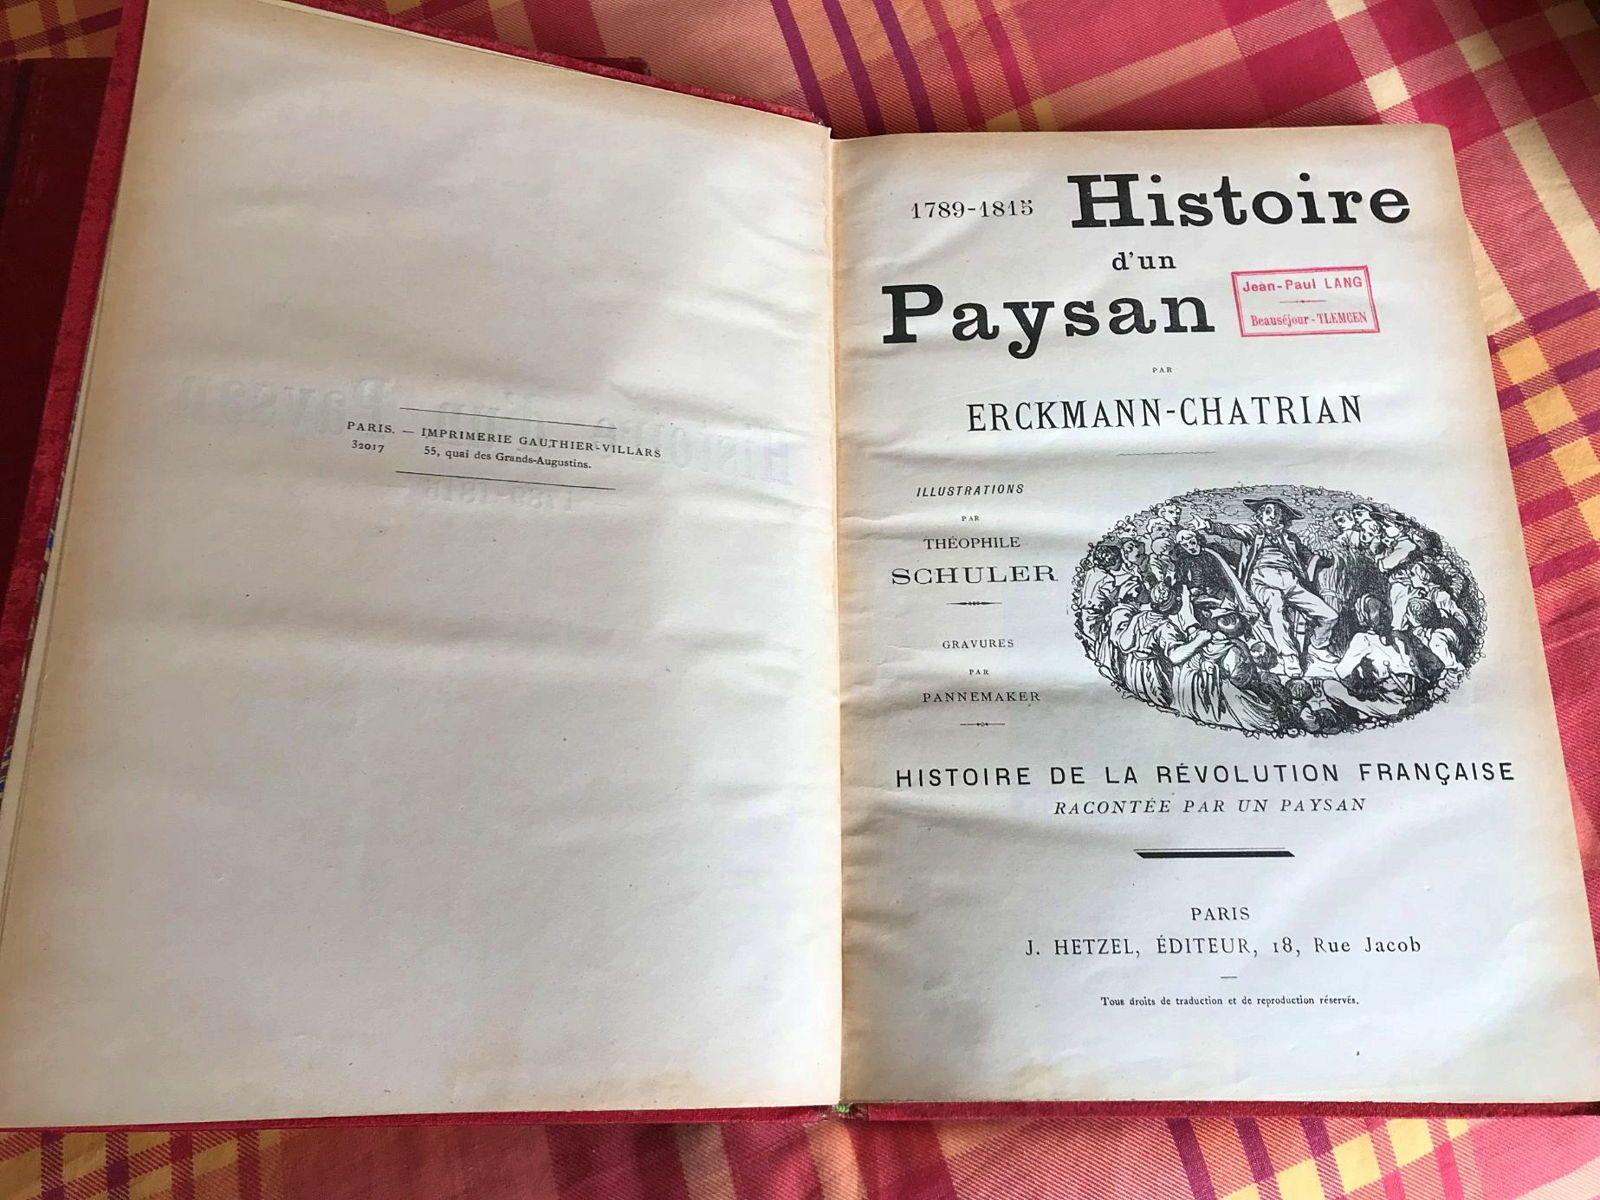 Vends Histoire d'un Paysan par Erckmann-Chatrian chez Hetzel